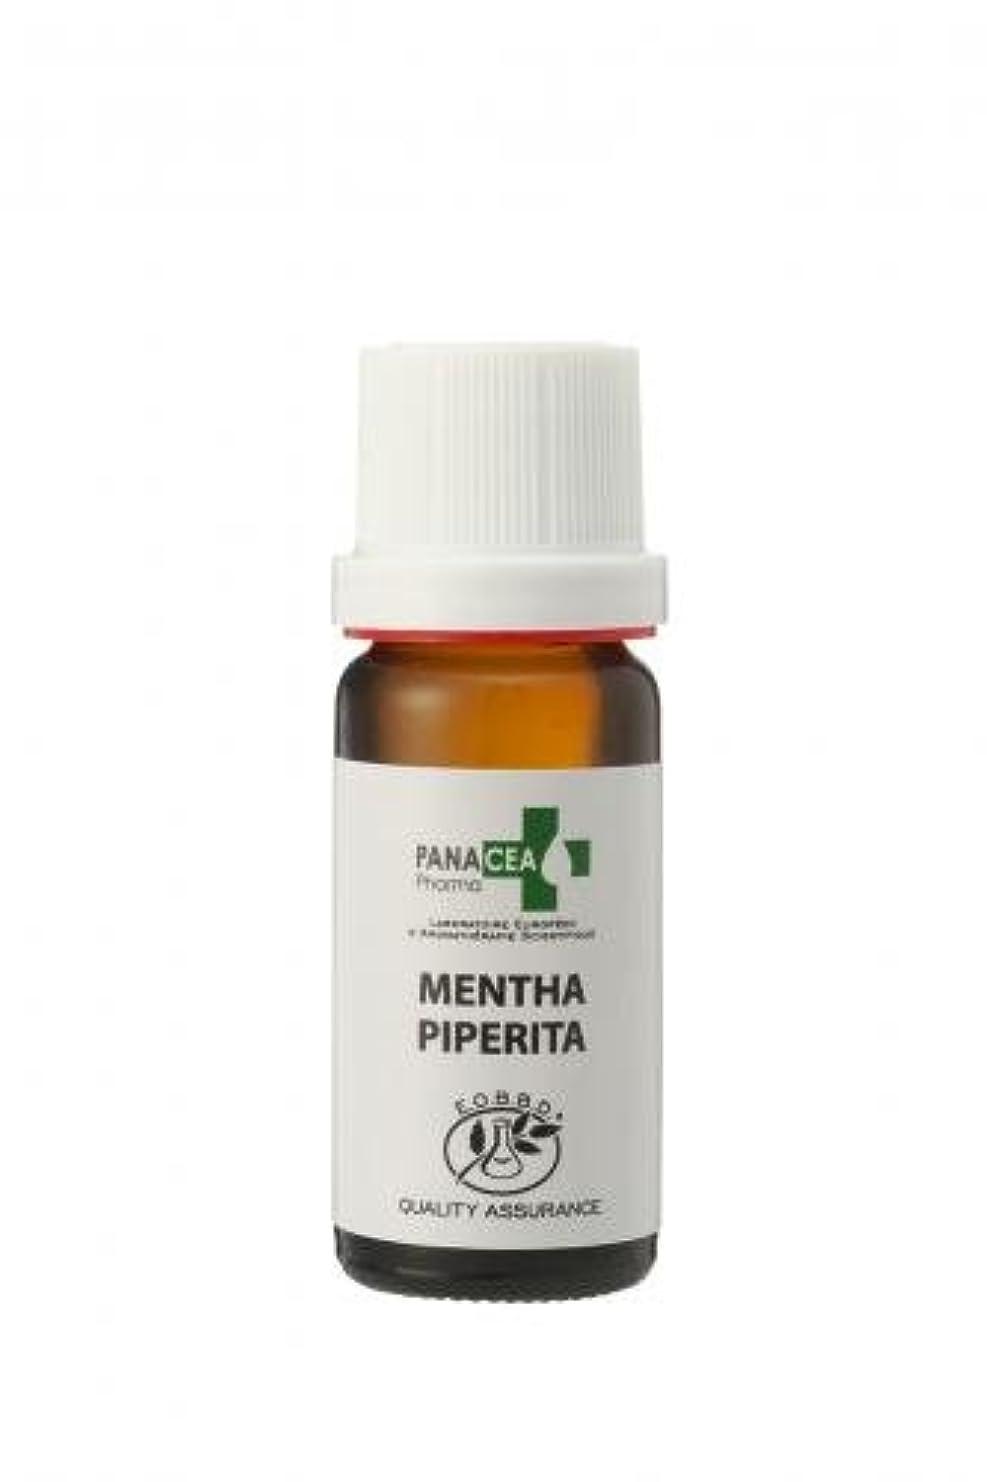 仲間、同僚失態効能あるペパーミント (Mentha piperita) 10ml エッセンシャルオイル PANACEA PHARMA パナセア ファルマ